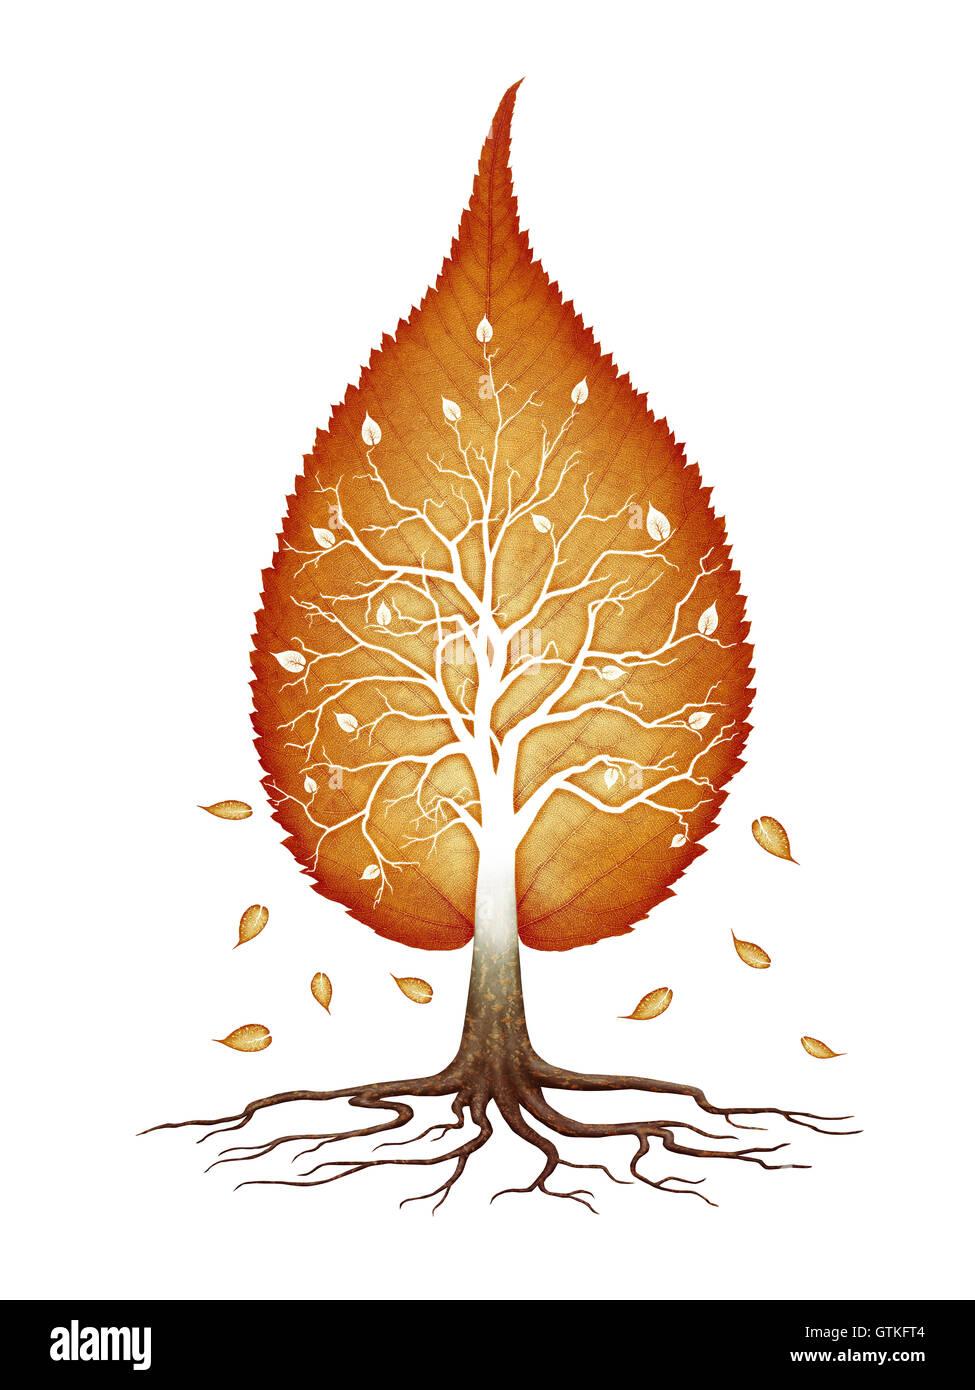 Hoja de otoño de color rojo en forma de árbol con ramas y raíces naturaleza infinita fractales, espiritual Imagen De Stock